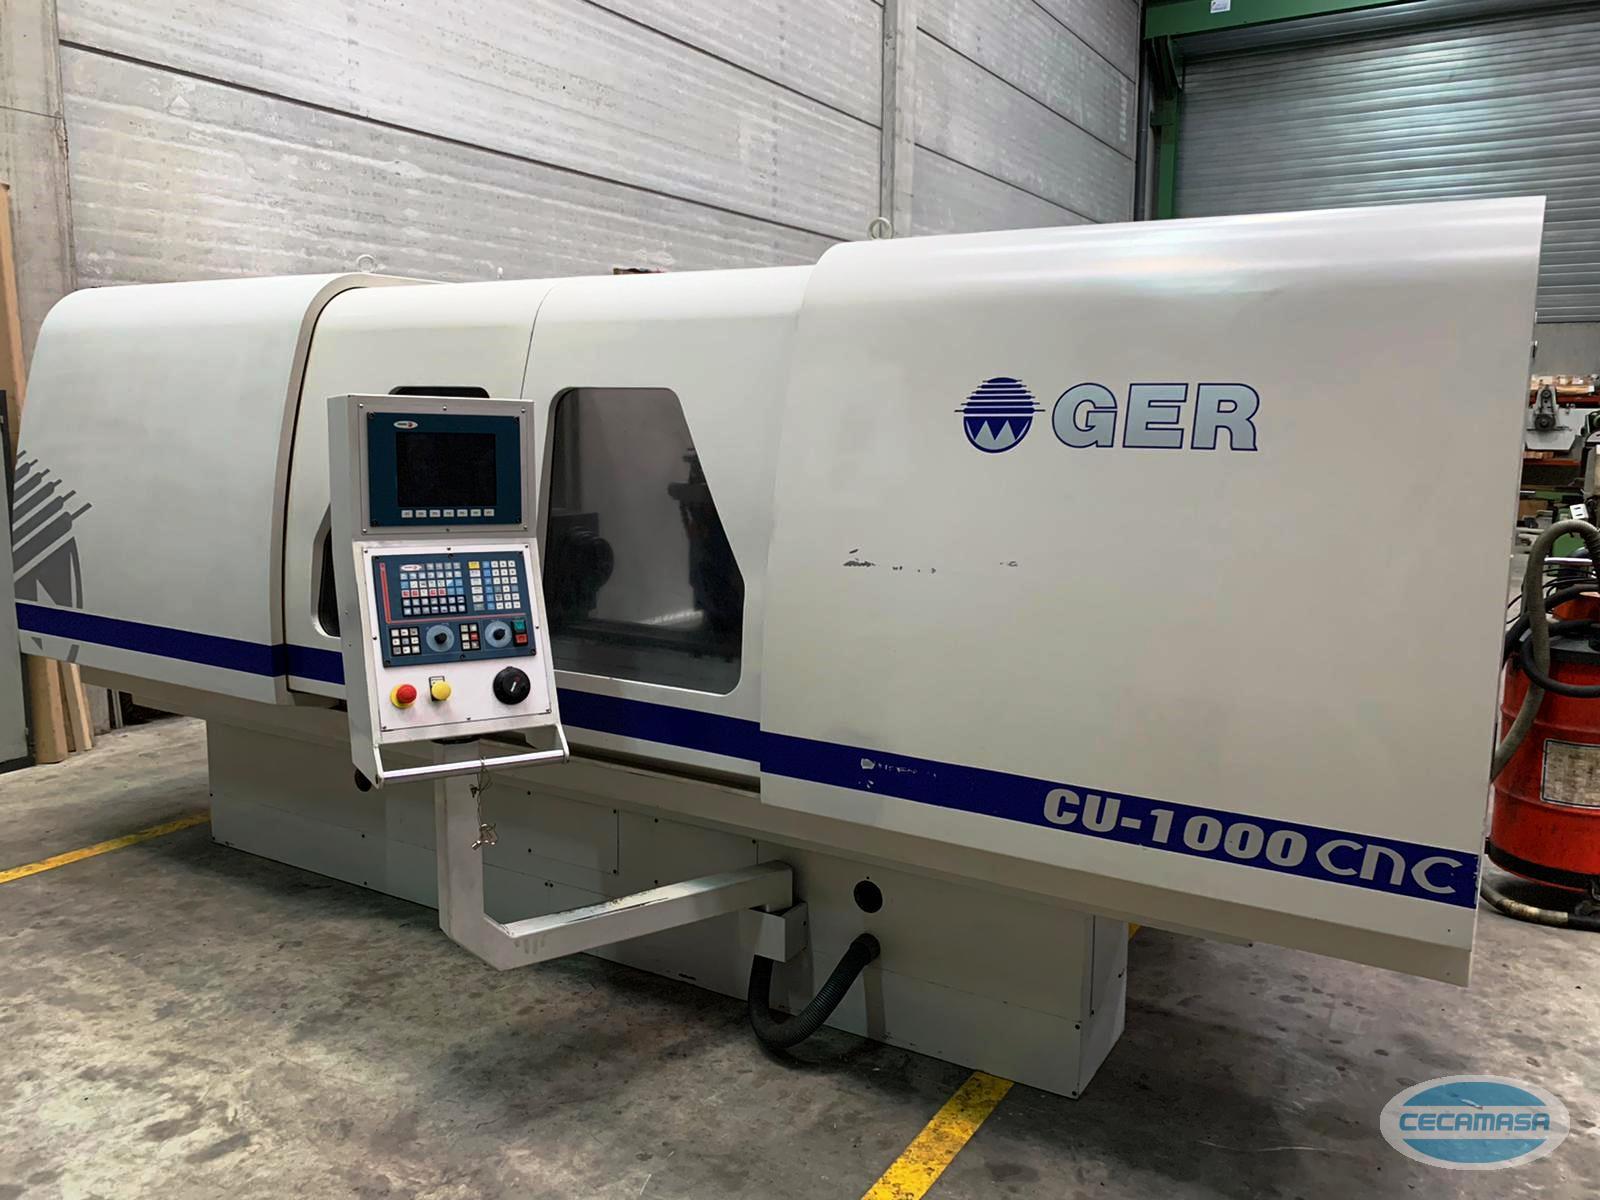 GER CU 1000 CNC grinder